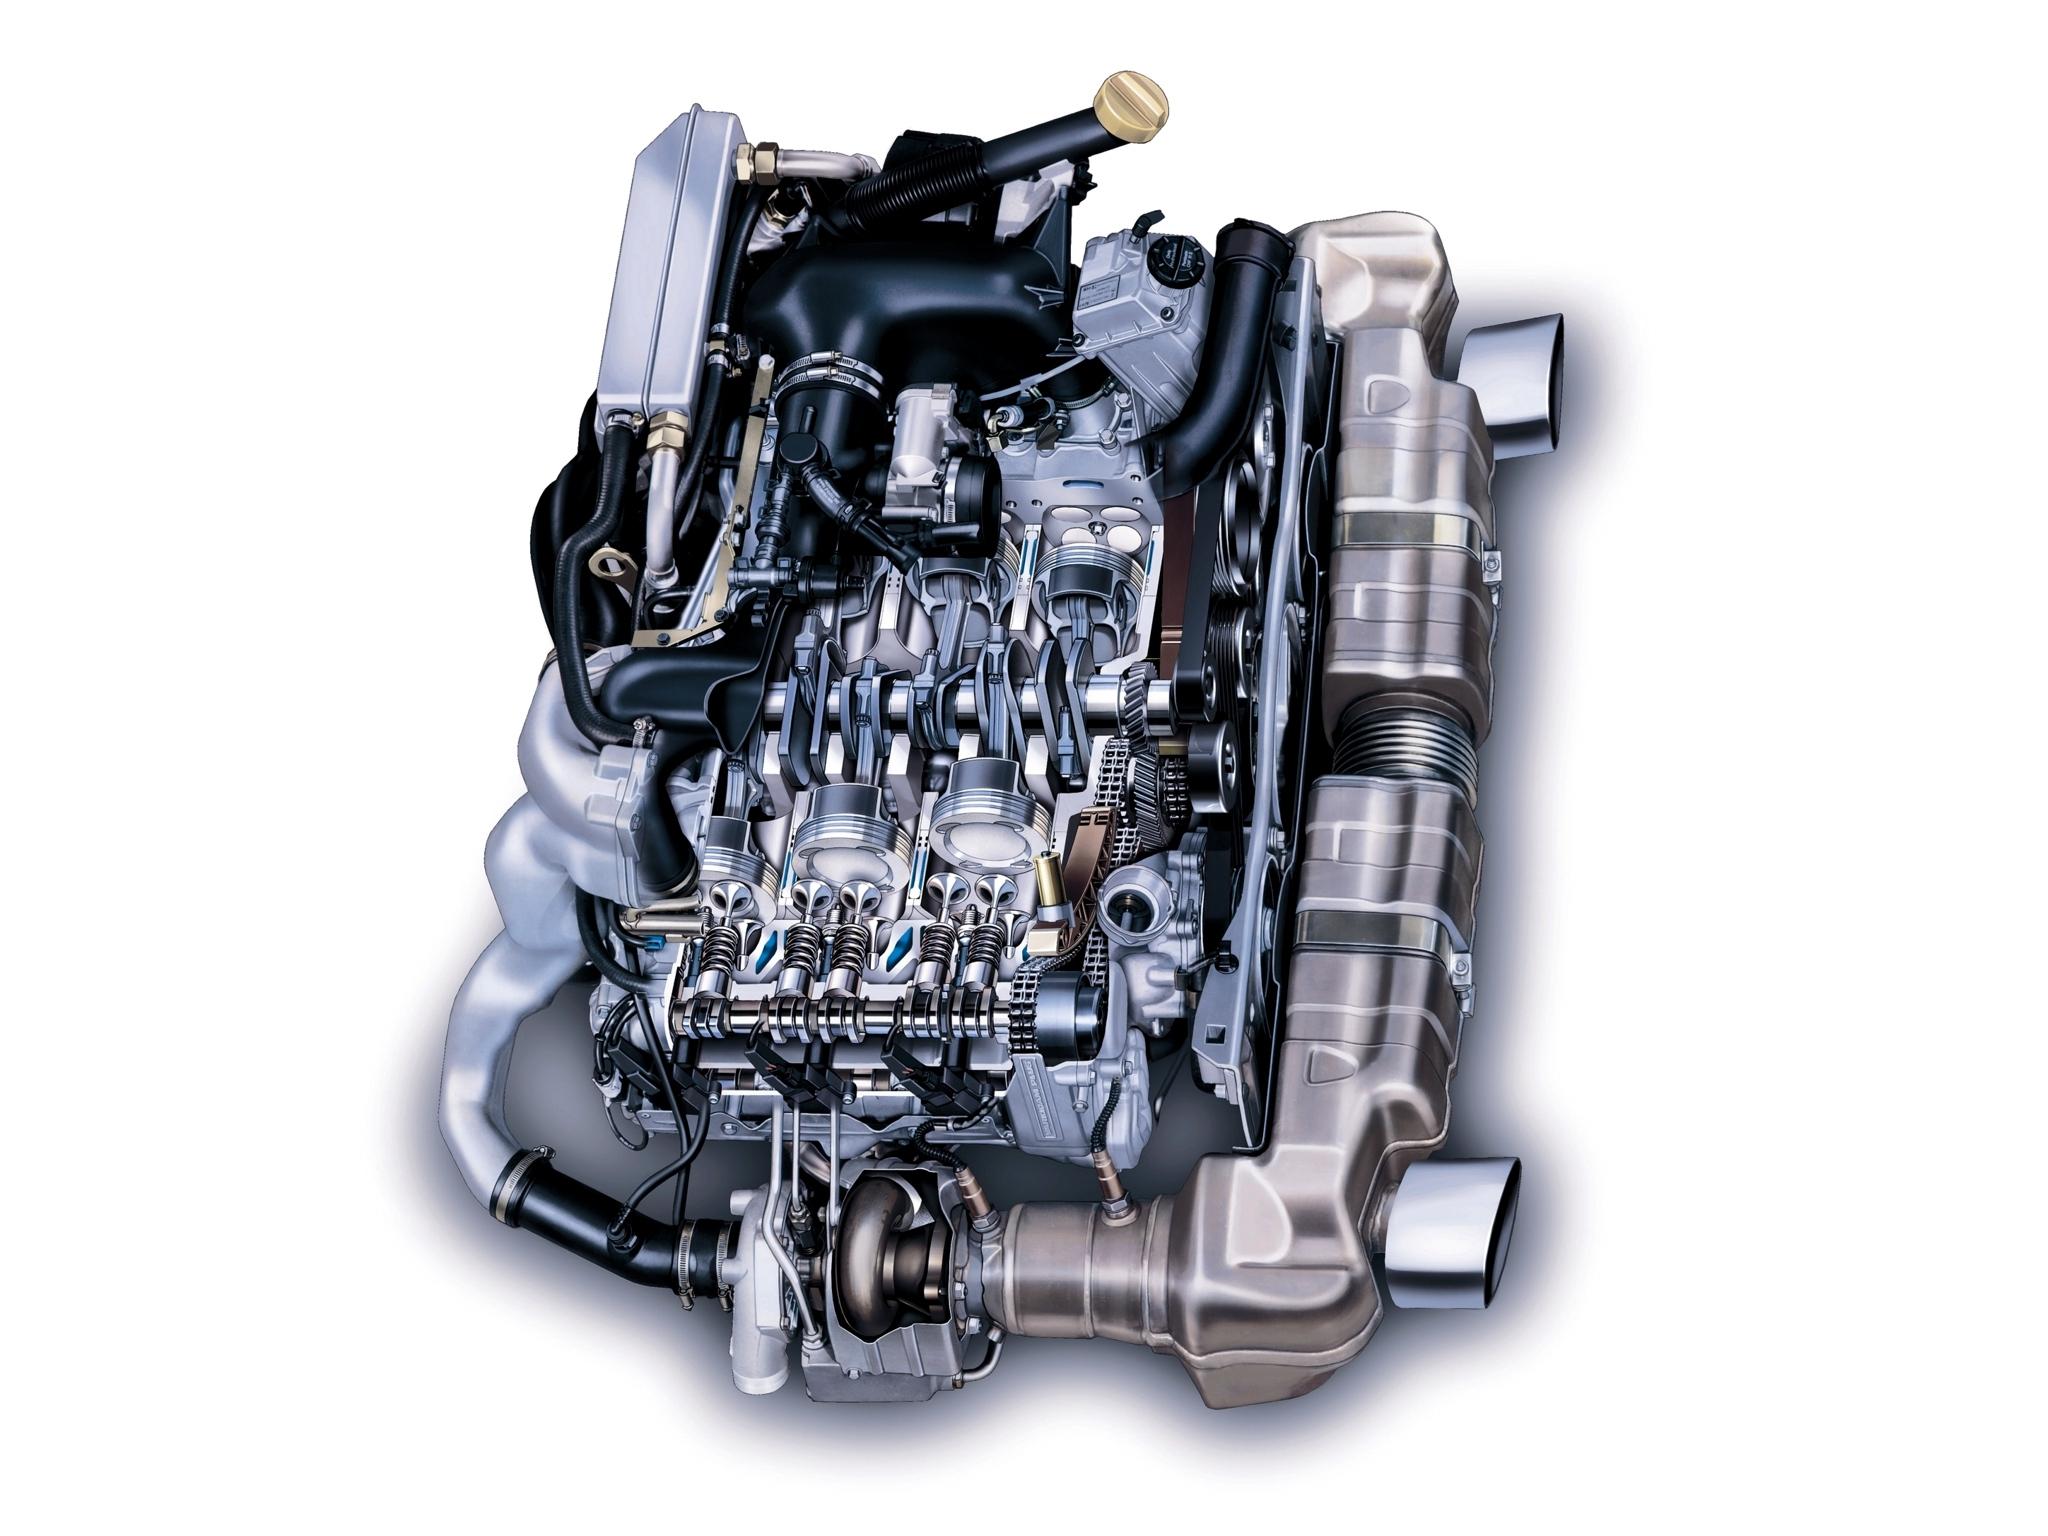 Engine porsche 996 911 gt2 h wallpaper 2048x1536 132034 wallpaperup - Porsche engine wallpaper ...